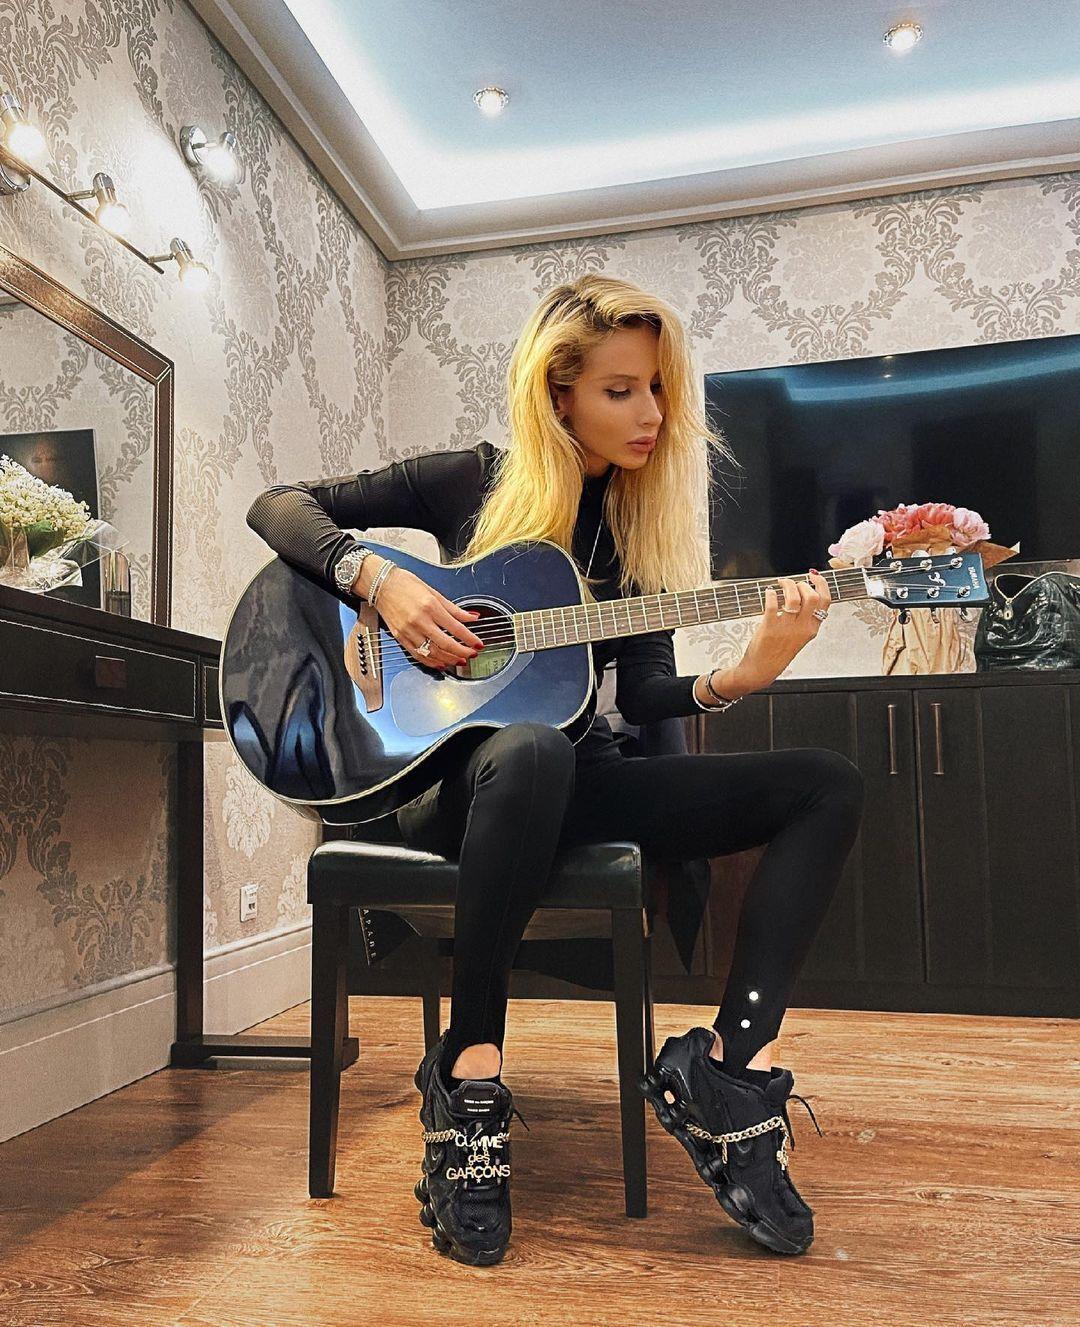 Світлана Лобода дасть концерт в Україні